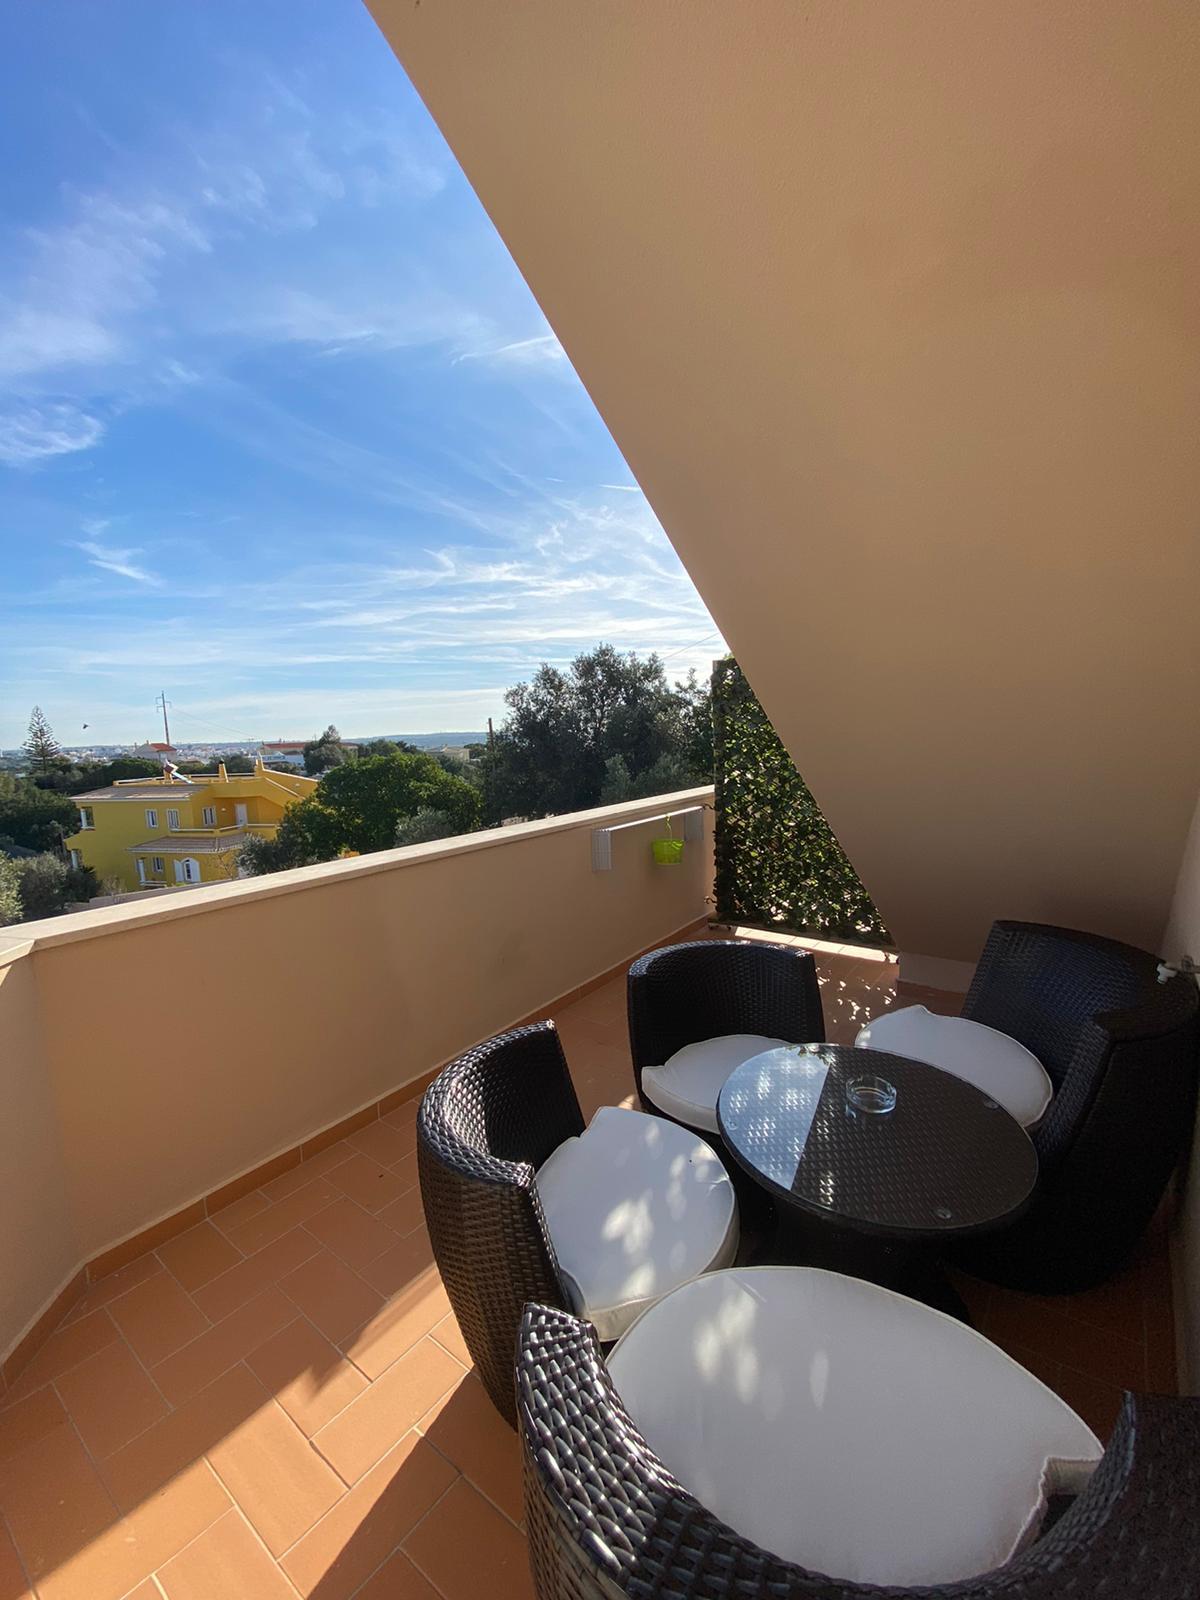 Holiday apartments and villas for rent, Villa L'Estaque , chambres d'hôtes in Armação de Pêra, Portugal Algarve, REF_IMG_15648_15658